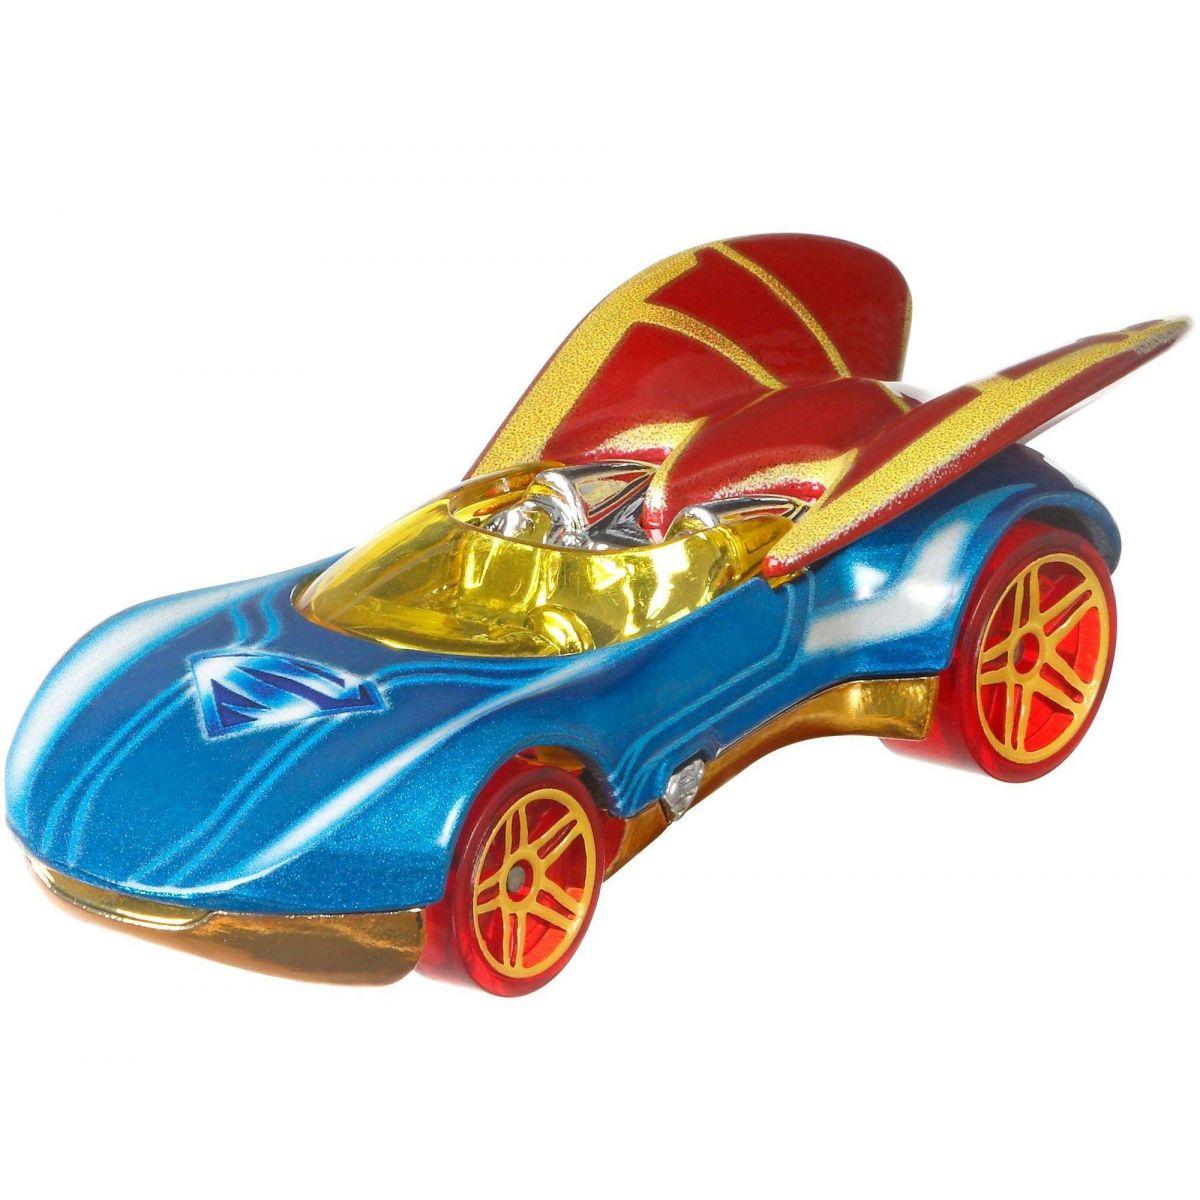 Hot Wheels DC kultovní angličák Injustice 2 Supergirl